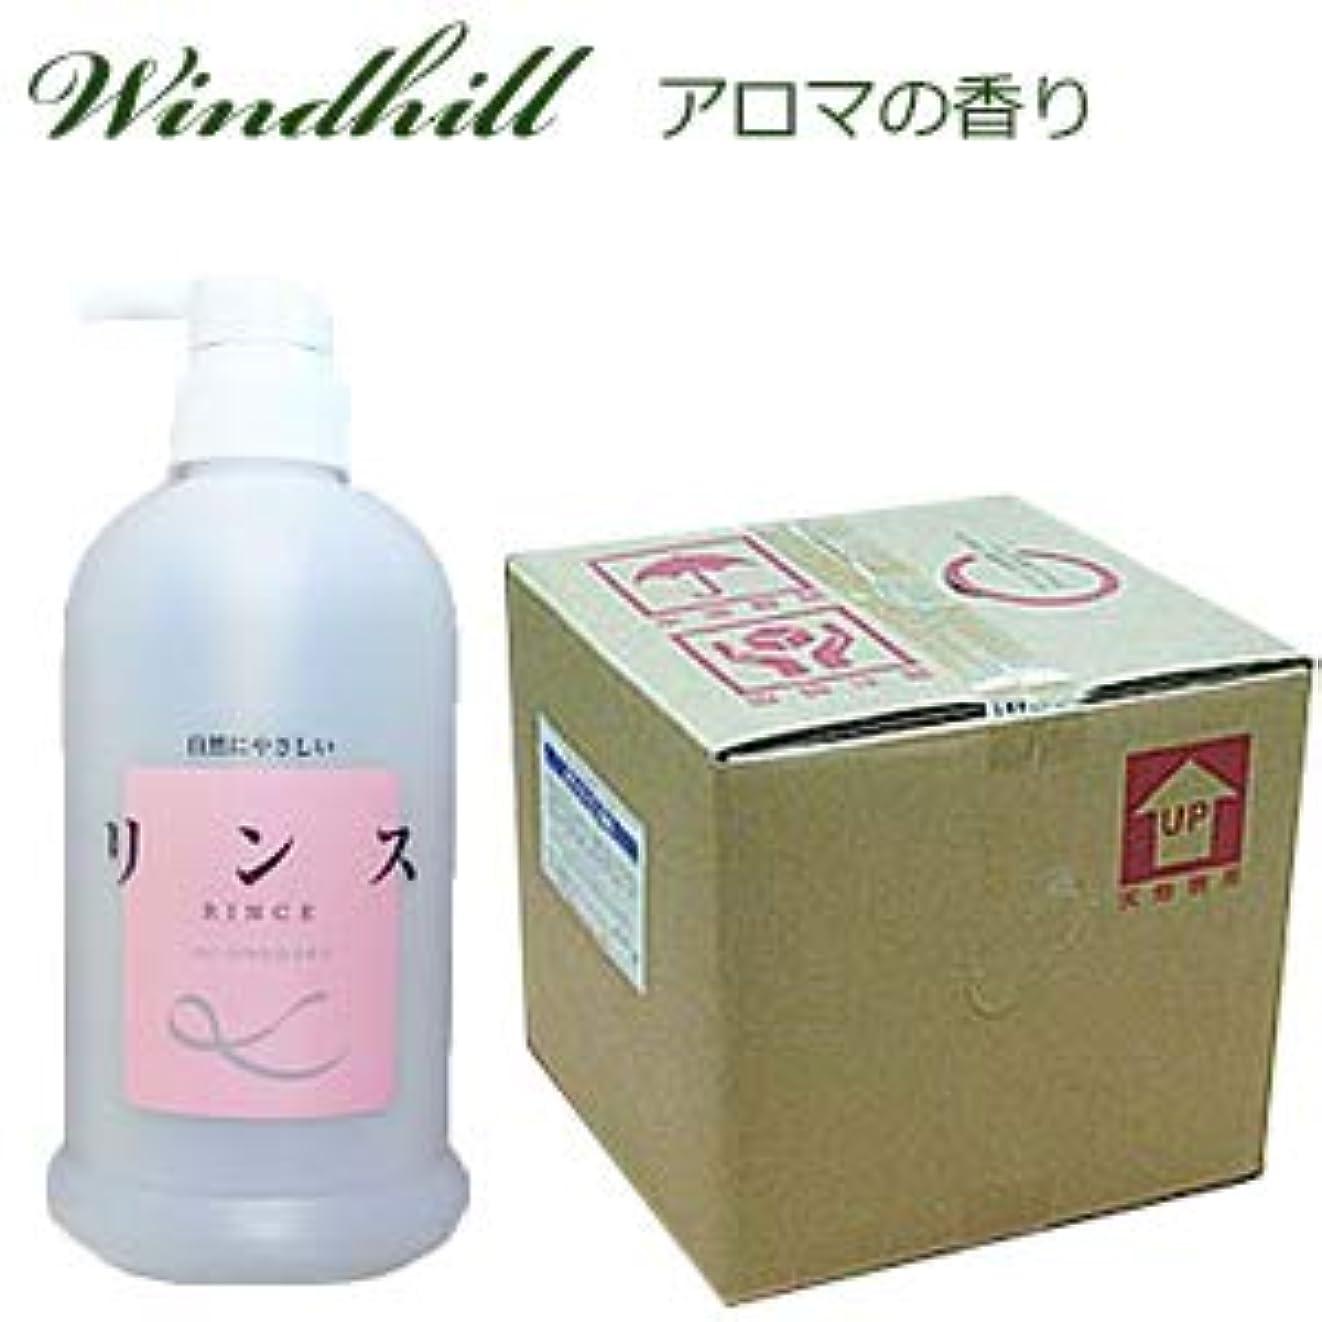 発動機性的兵器庫なんと! 500ml当り188円 Windhill 植物性業務用 リンス 紅茶を思うアロマの香り 20L